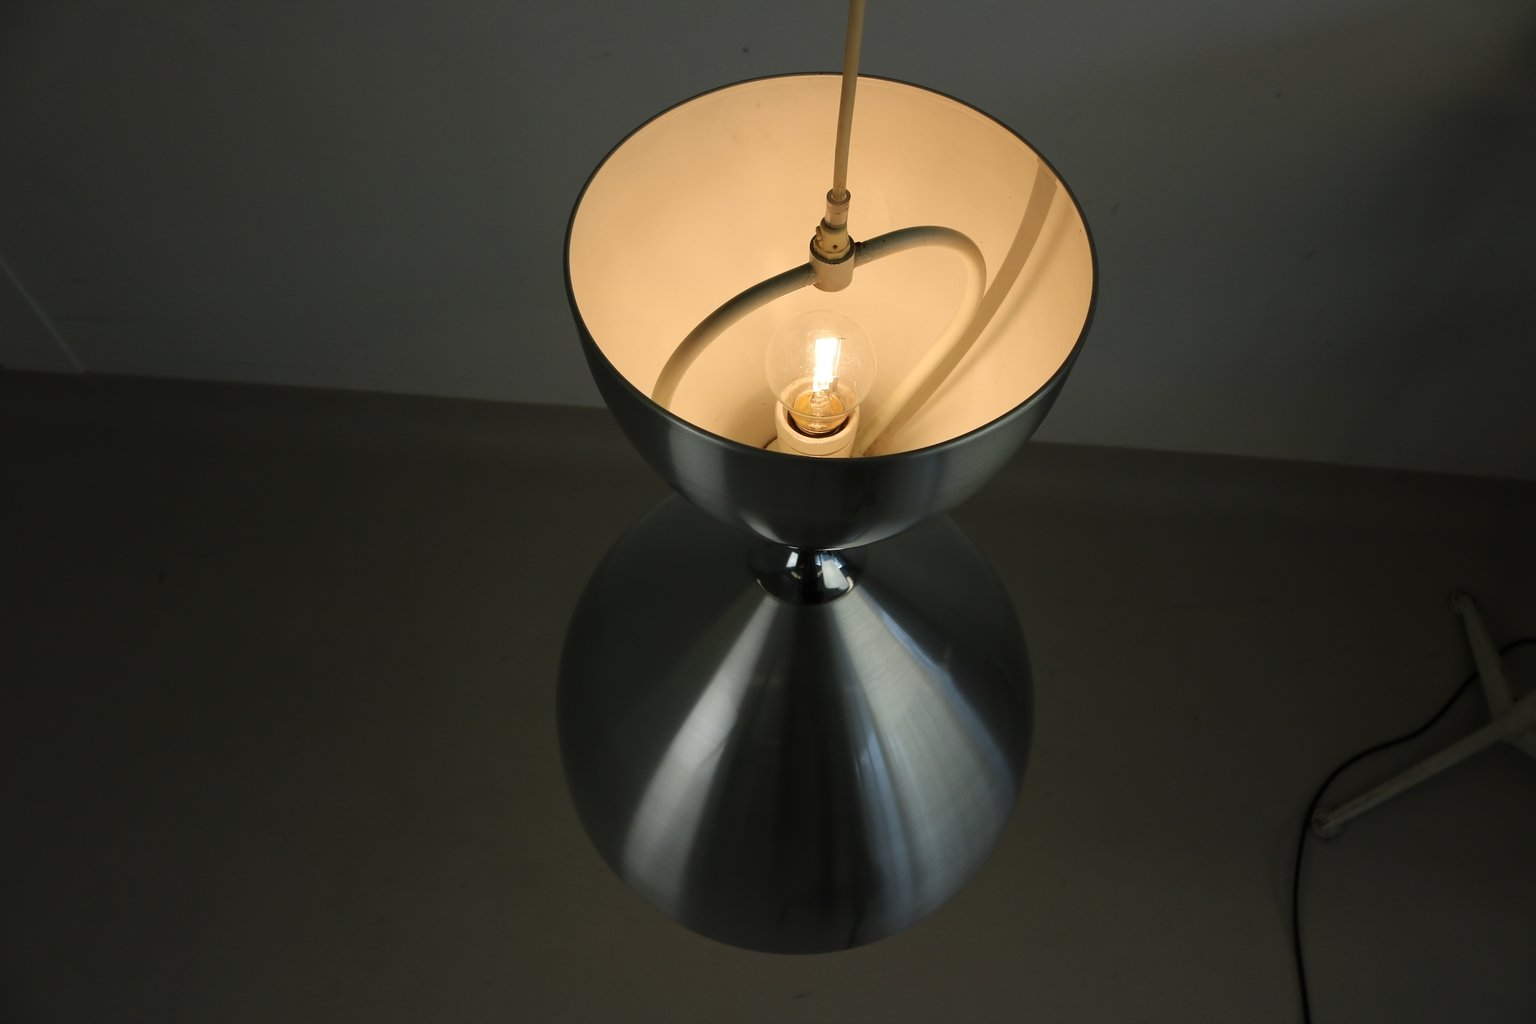 gro e vega h ngelampe von jo hammerborg f r fog m rup. Black Bedroom Furniture Sets. Home Design Ideas